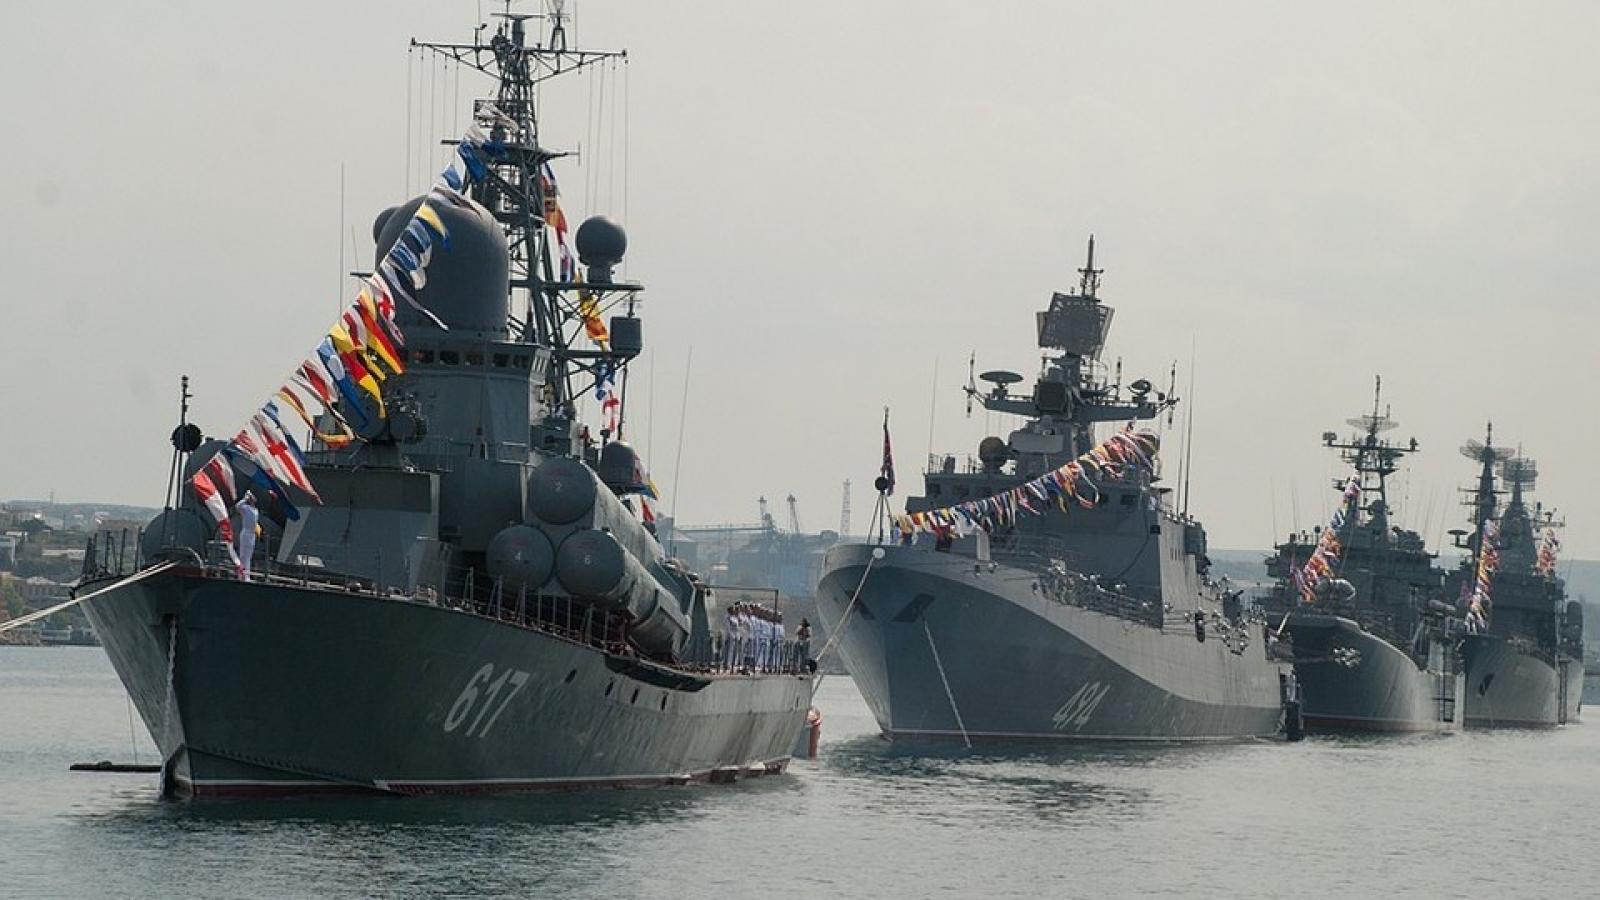 Hạm đội Biển Đen của Nga diễn tập chuẩn bị cho lễ duyệt binh Ngày Hải quân